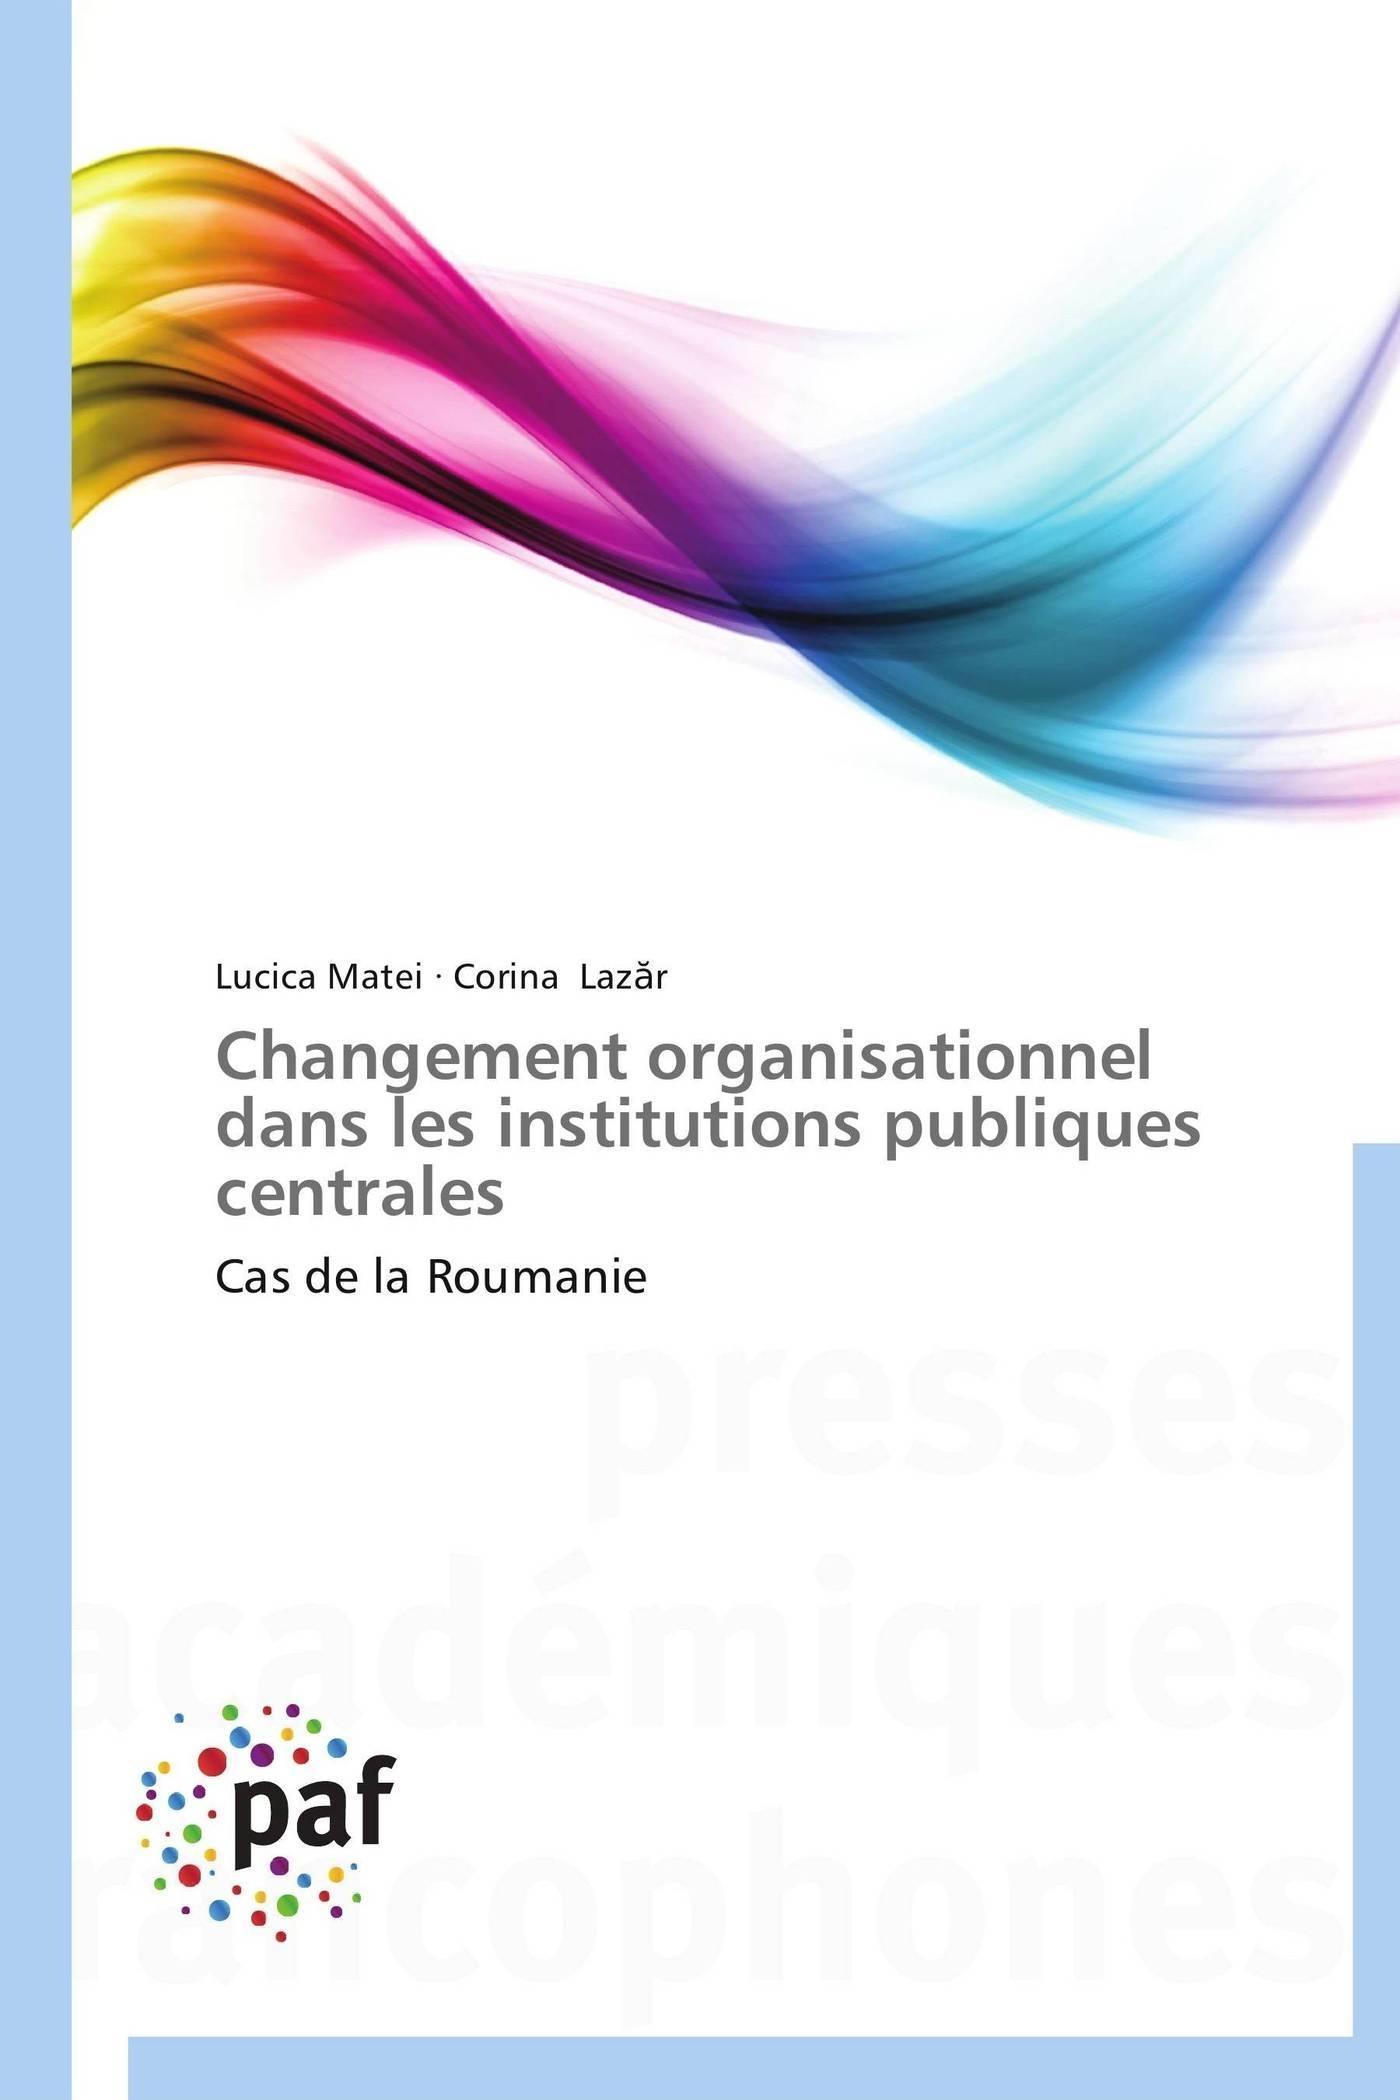 CHANGEMENT ORGANISATIONNEL DANS LES INSTITUTIONS PUBLIQUES CENTRALES